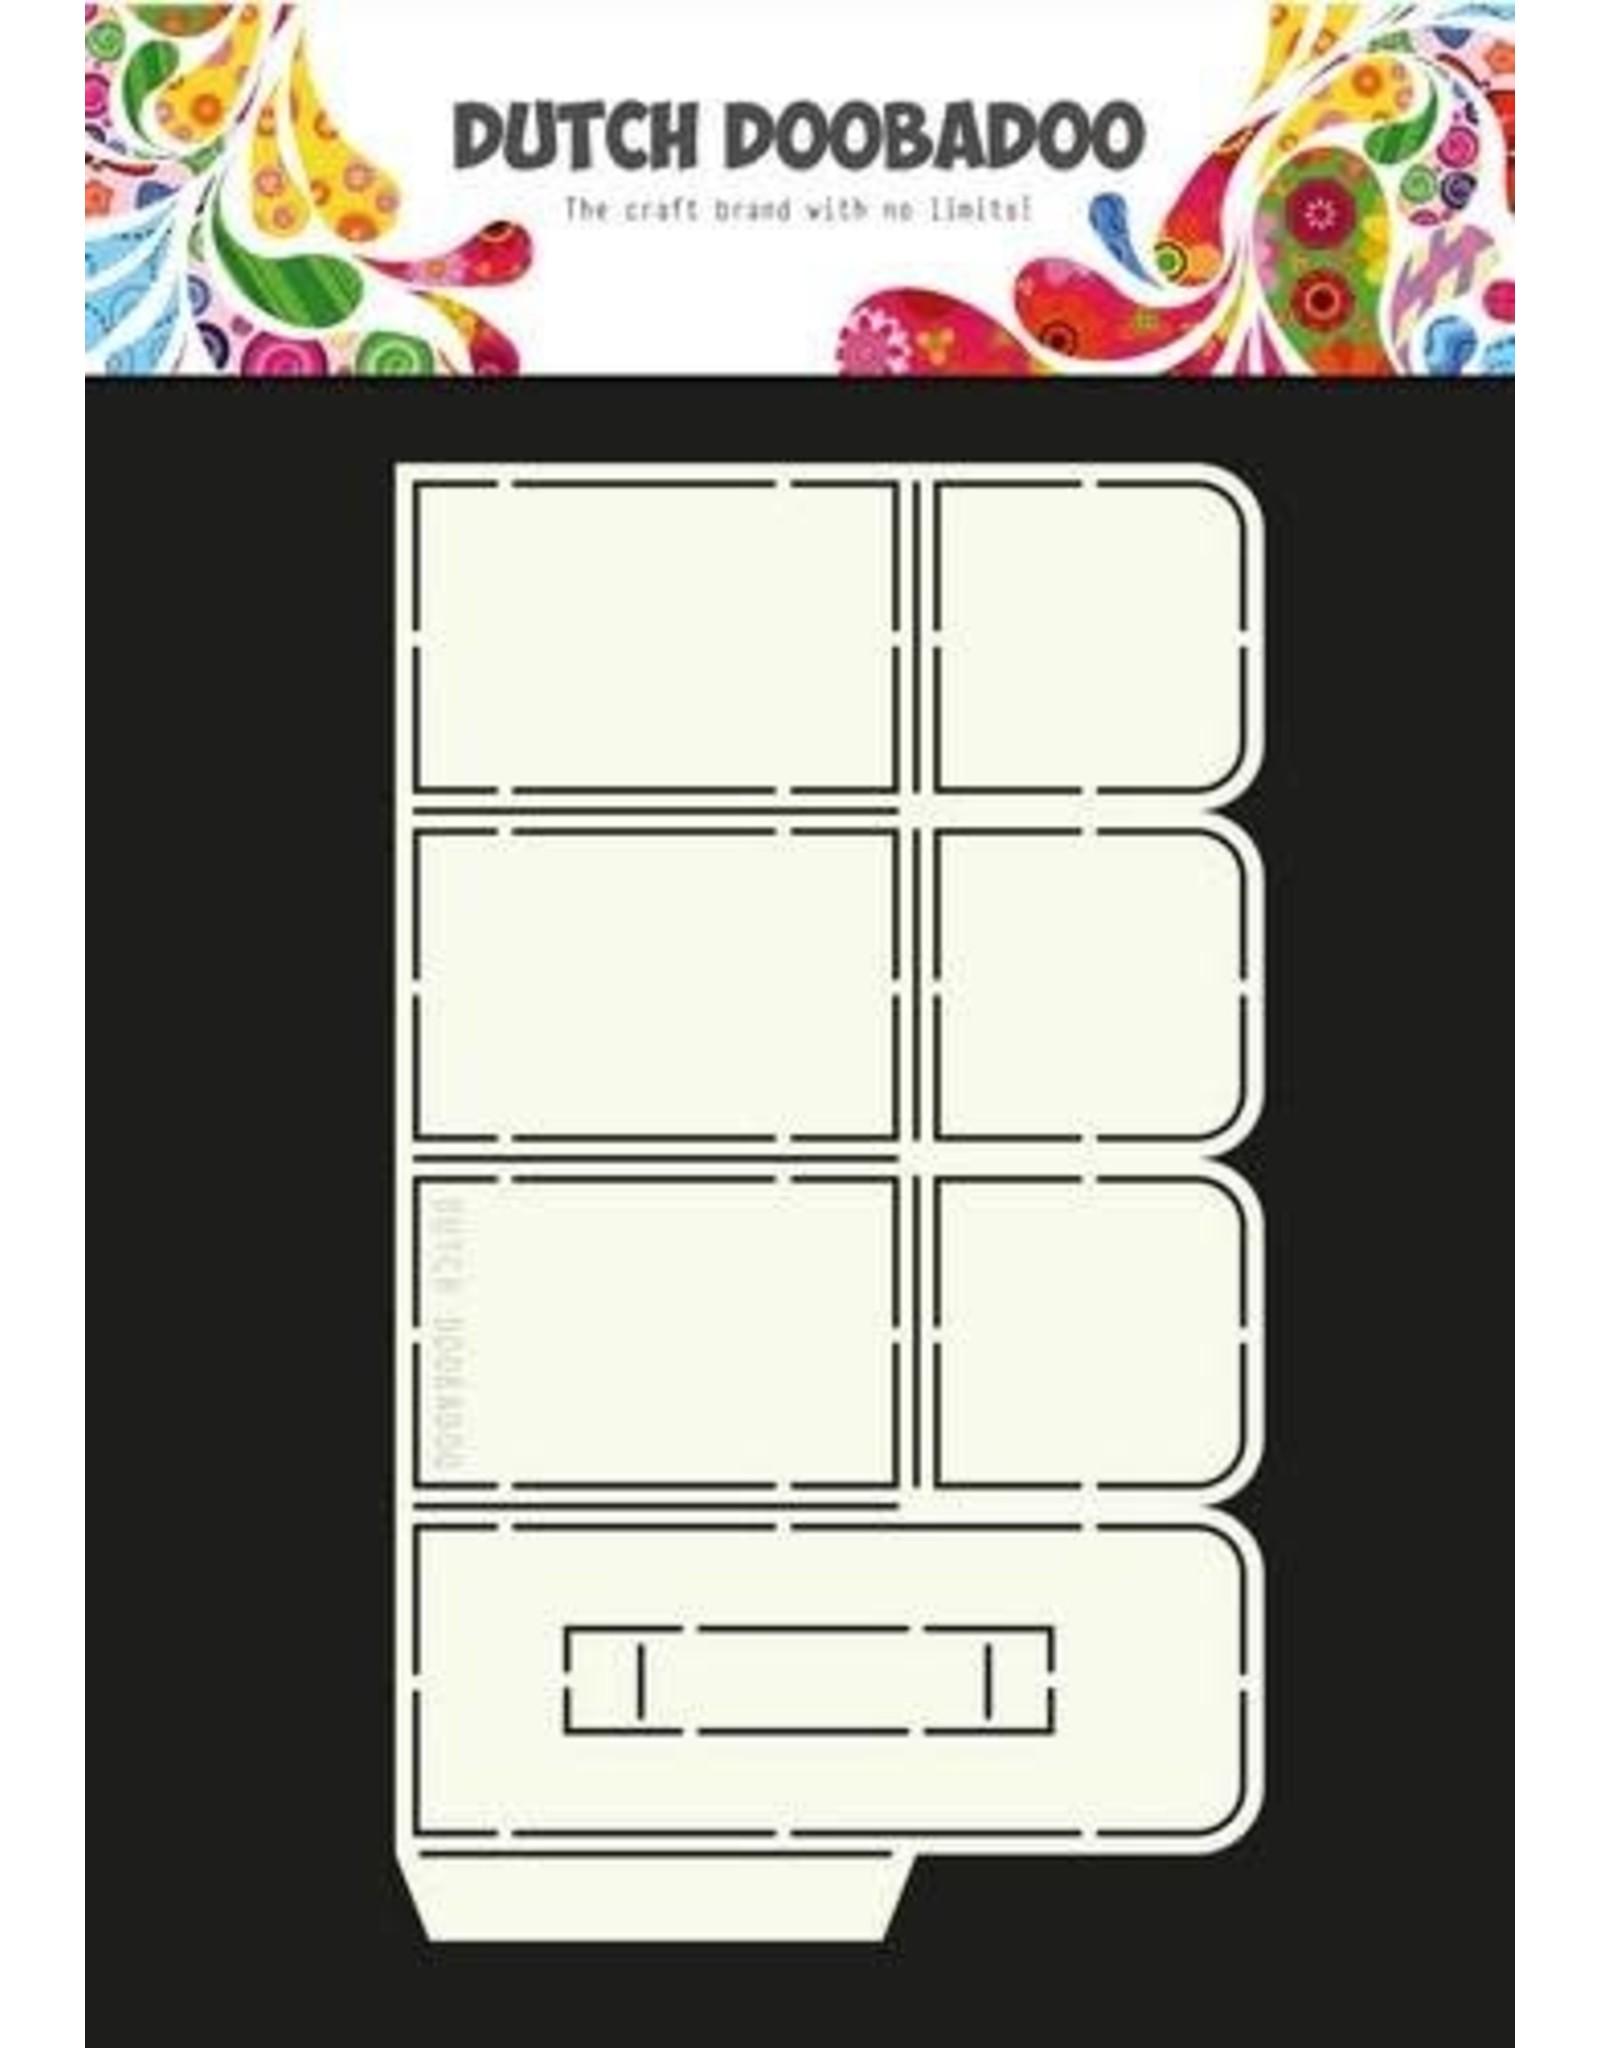 Dutch Doobadoo Dutch Box Art Popup Box 470.713.047 A4